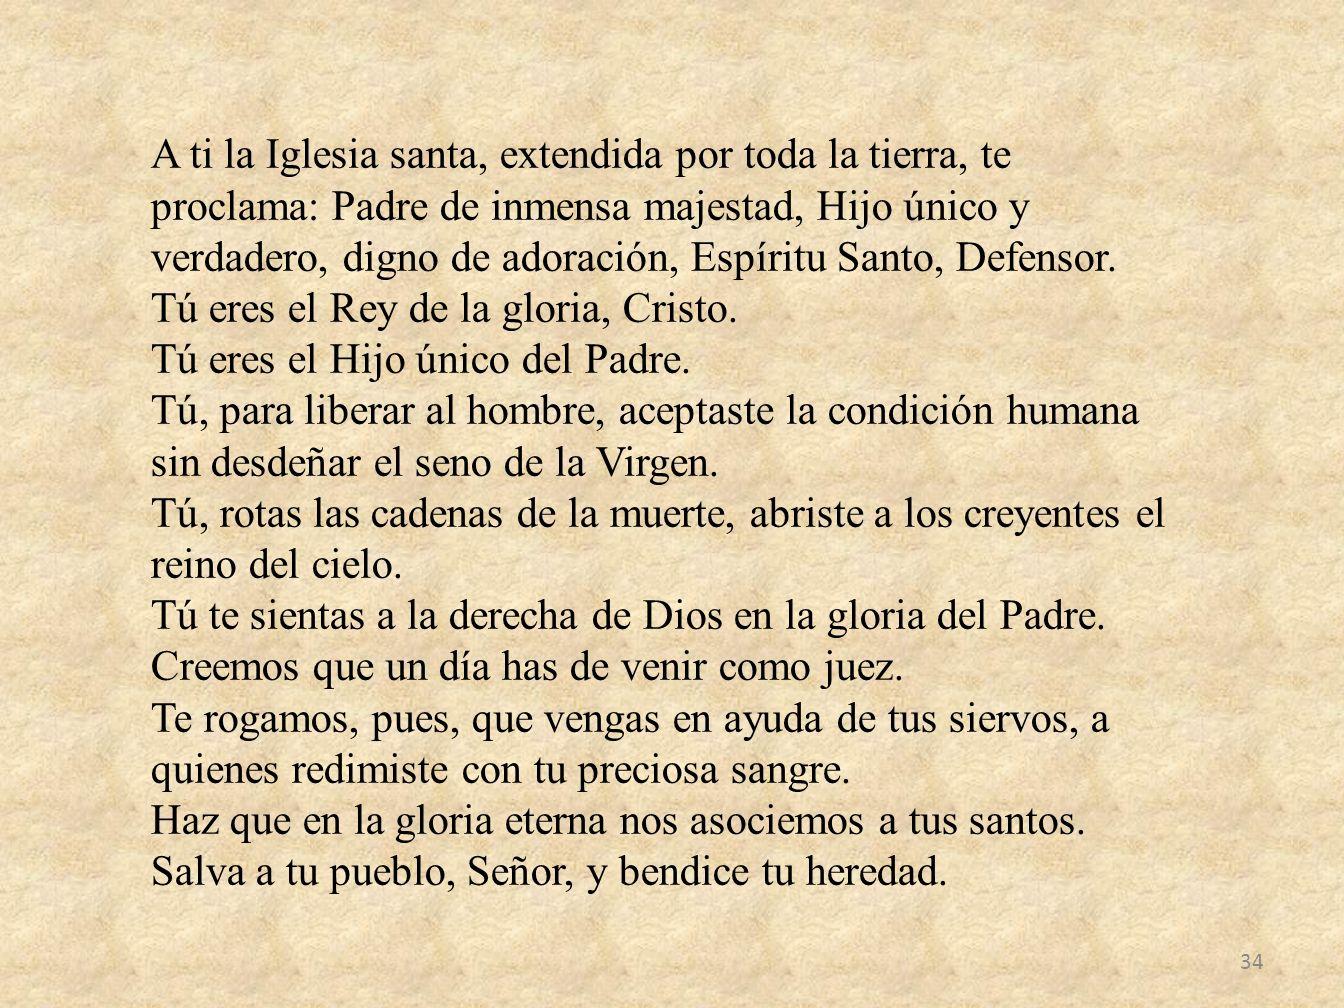 A ti la Iglesia santa, extendida por toda la tierra, te proclama: Padre de inmensa majestad, Hijo único y verdadero, digno de adoración, Espíritu Santo, Defensor.